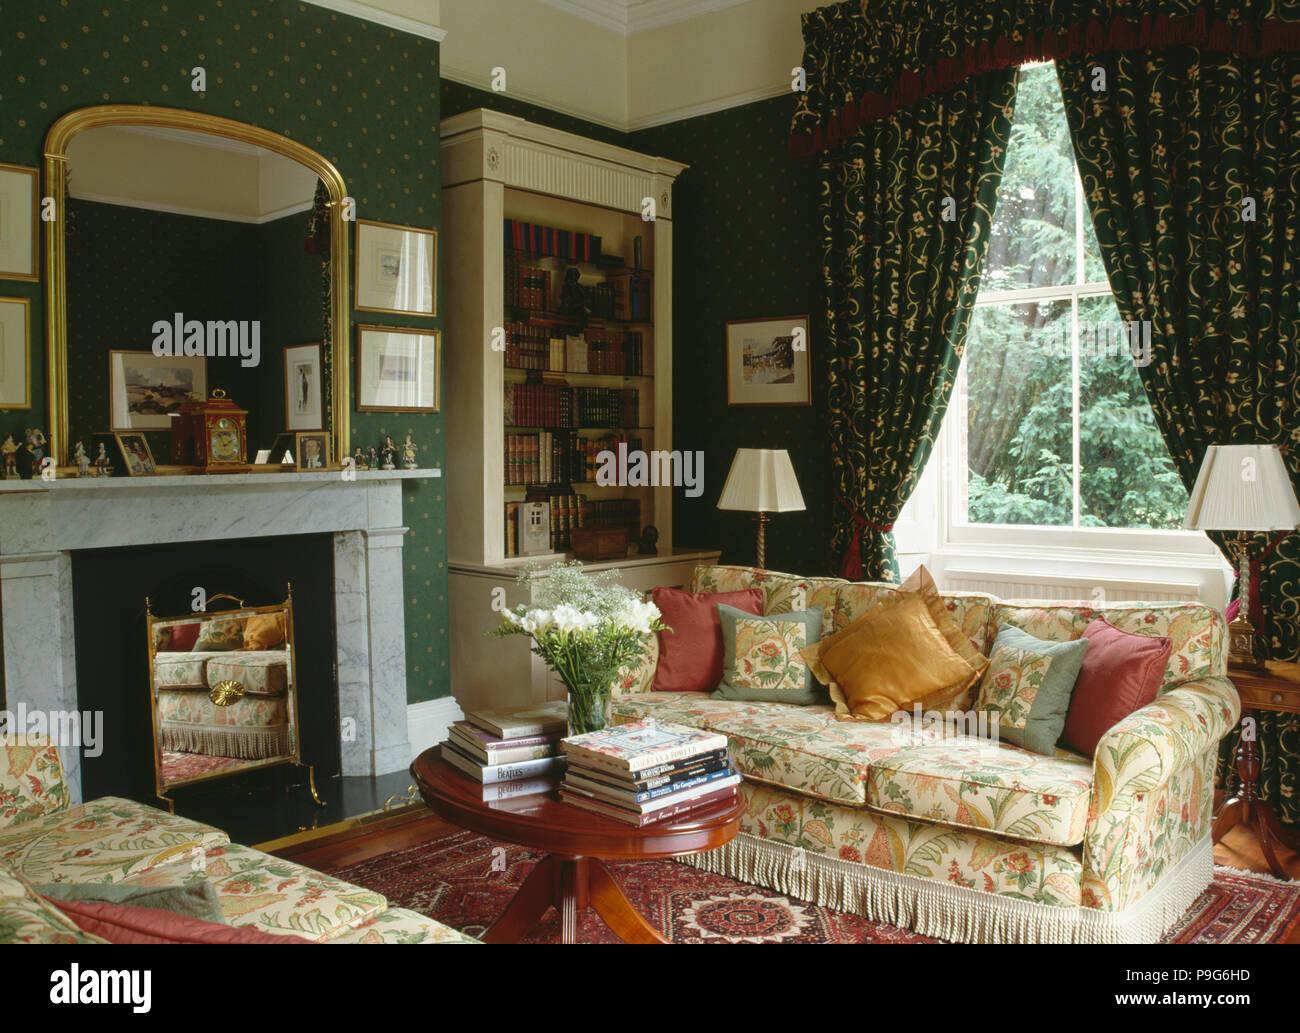 Vergoldete Spiegel über Marmor Kamin Im Wohnzimmer Grün 90er Jahre Tapeten  Und Gemusterten Vorhängen Und Floralen Sofas